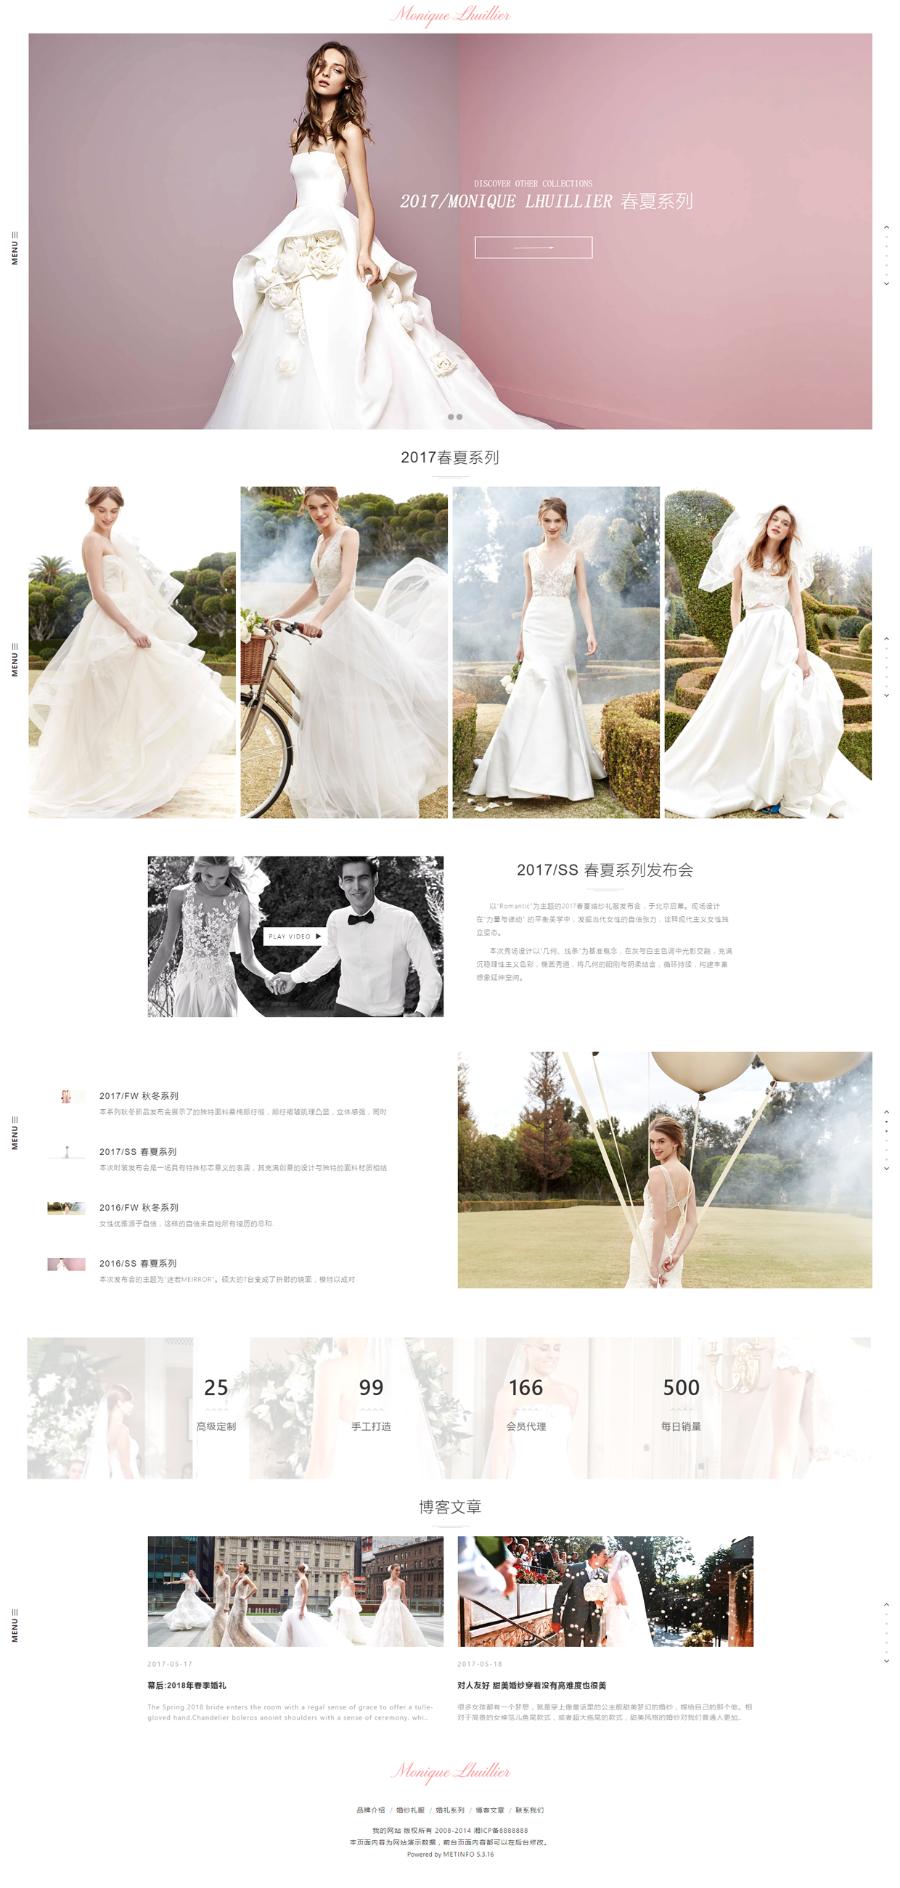 (M e t I n f 0)米.拓模板婚纱设计公司网站响应式模板89011